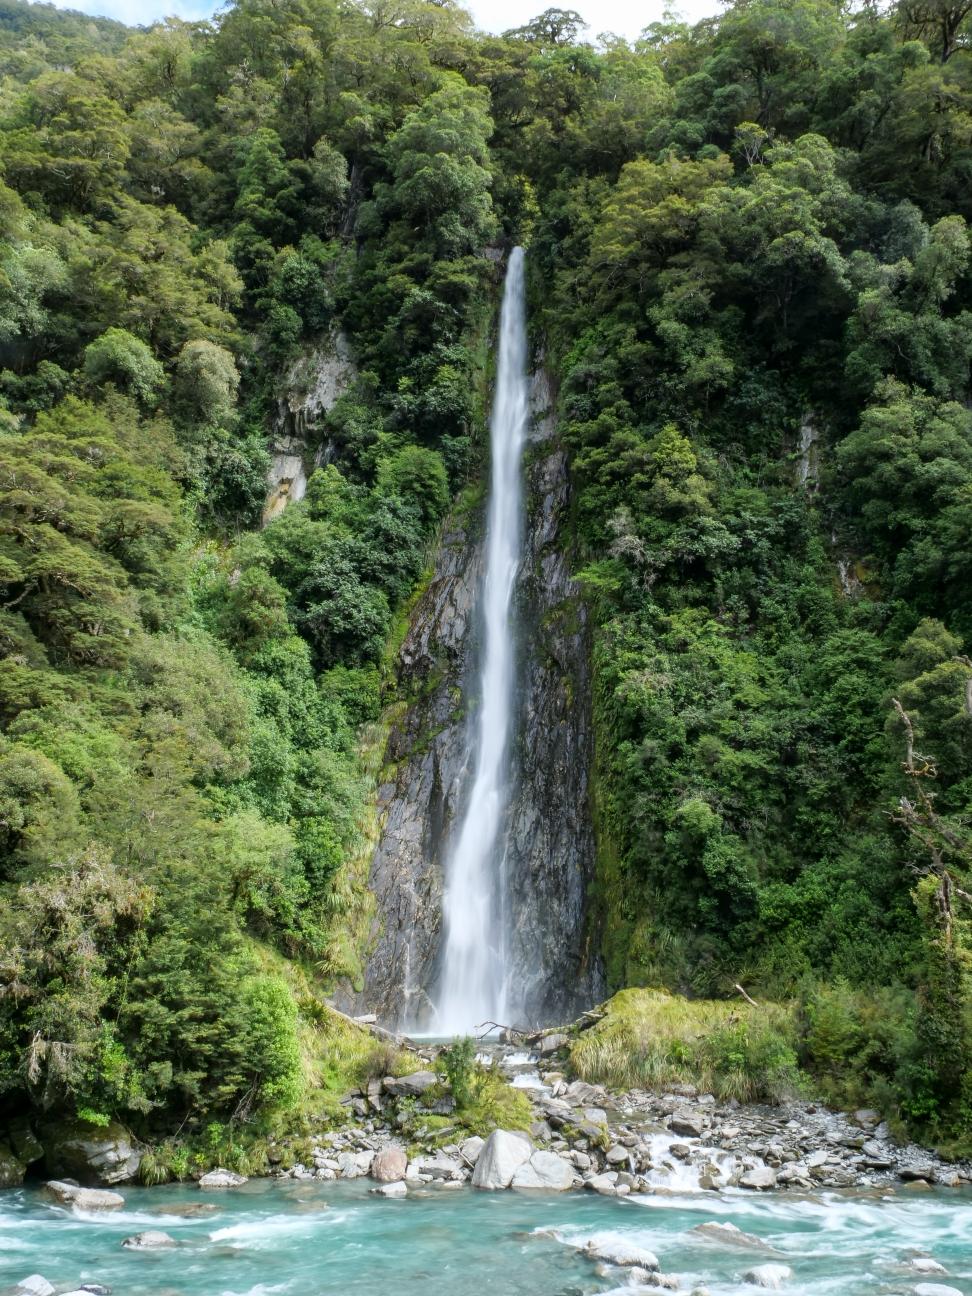 Wasserfälle gibt's auch in Neuseeland